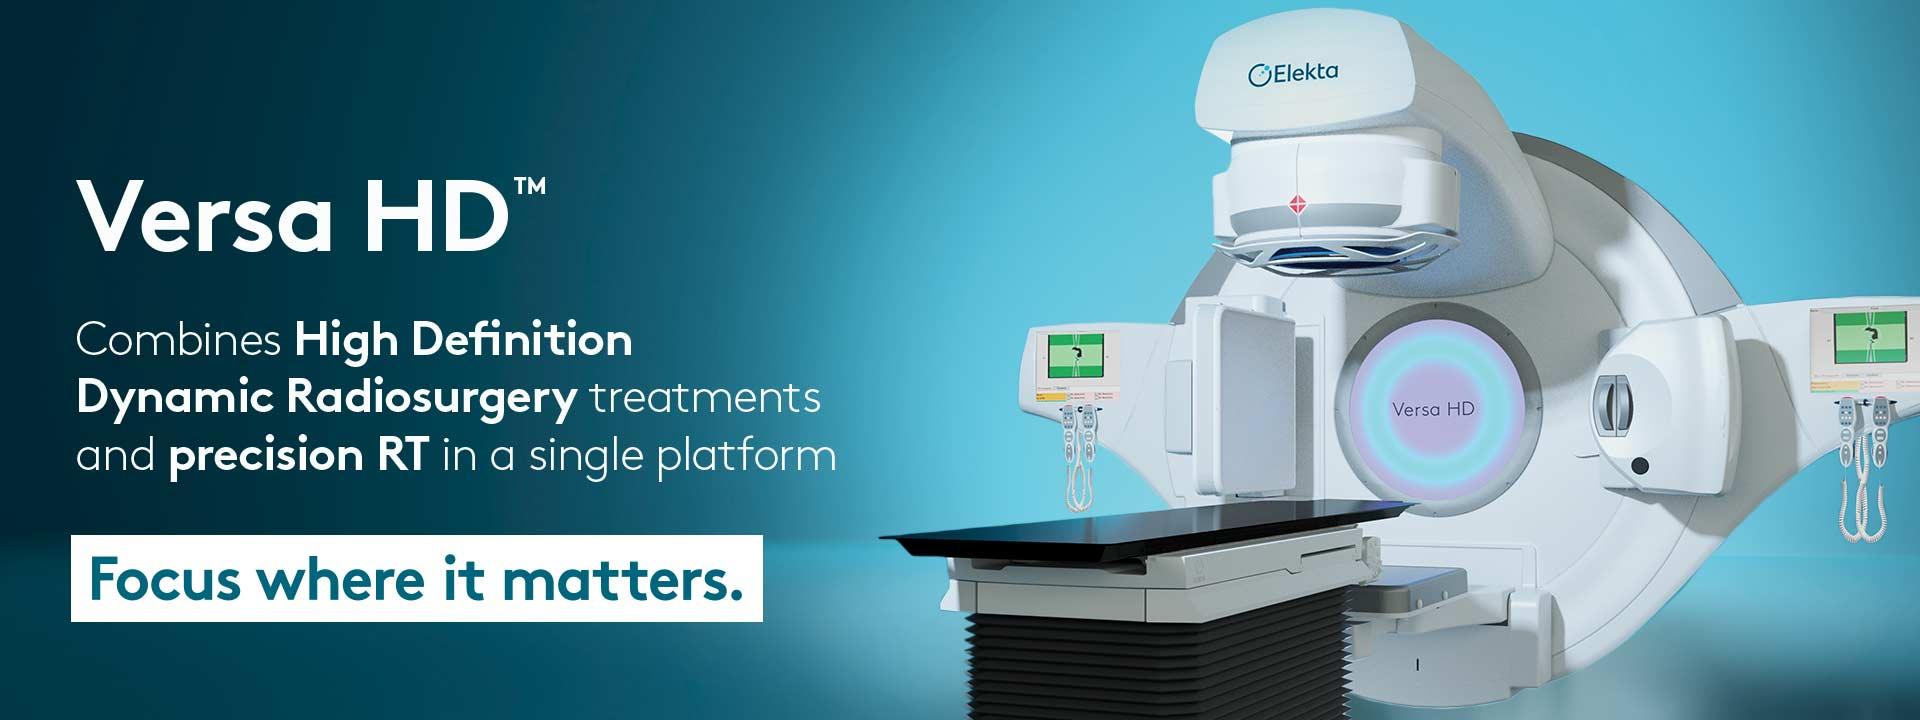 Скачать бесплатно камеры в гинекологии cameras in gynecologies hdrip торентом